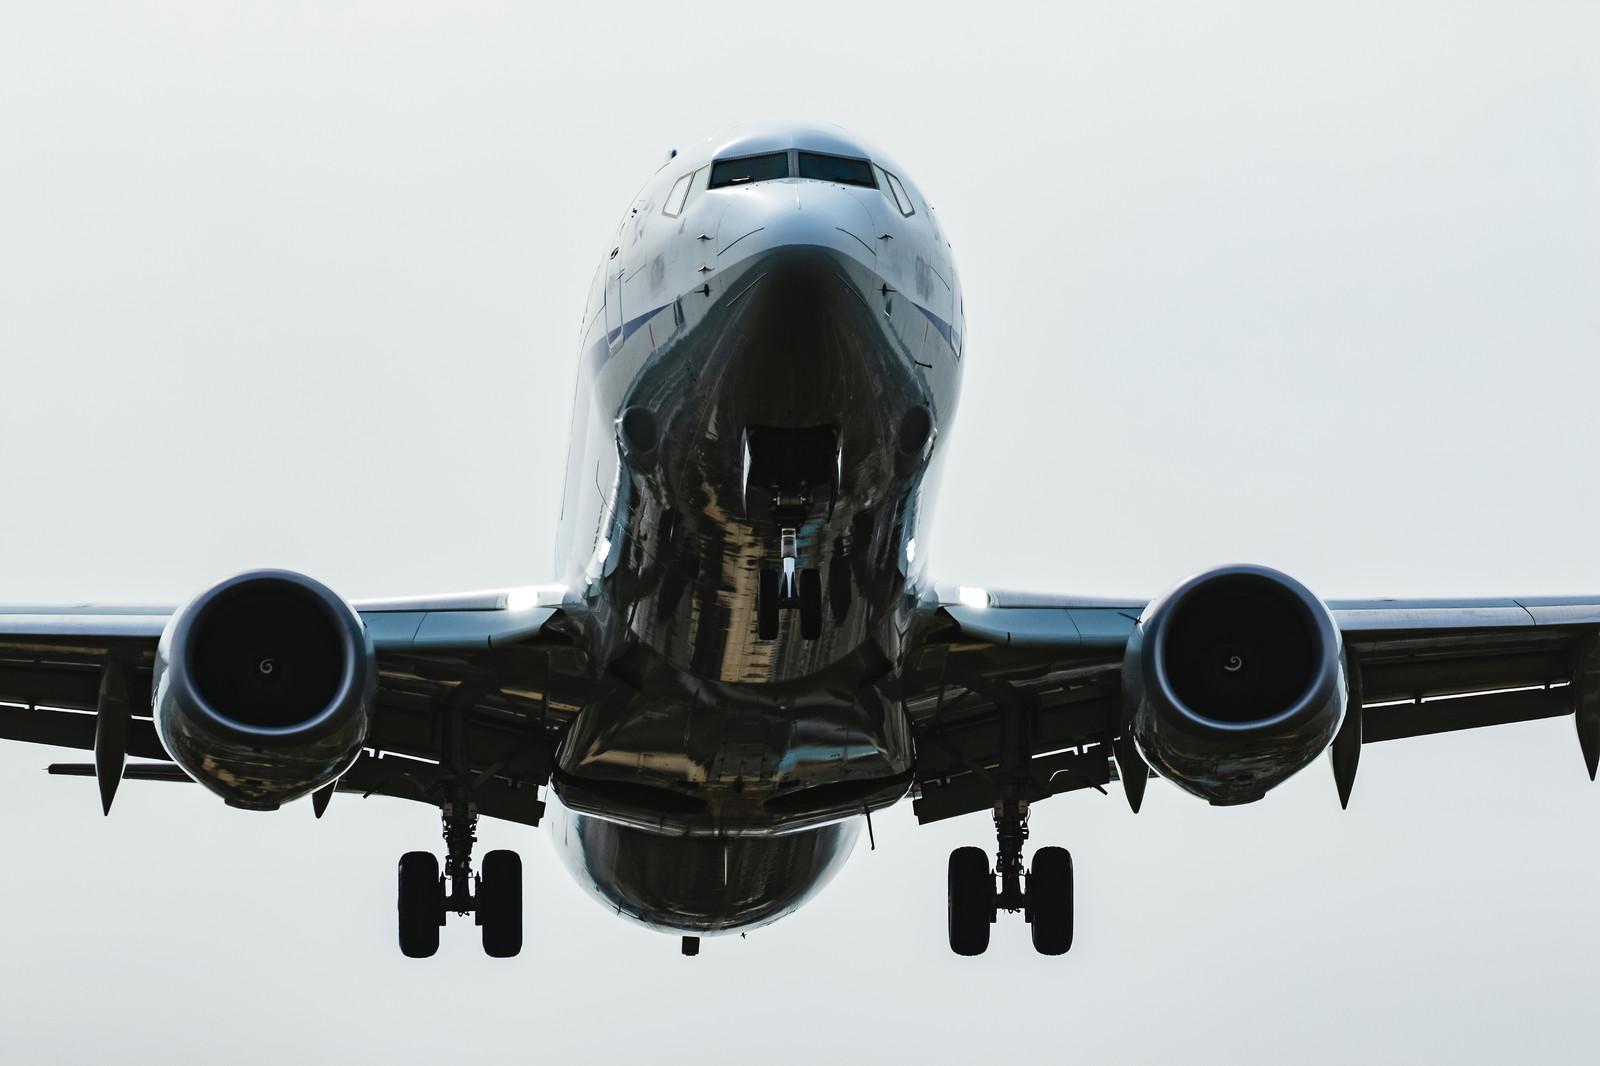 福岡・北海道間は直行便の飛行機がおすすめ!所要時間や料金をチェック!